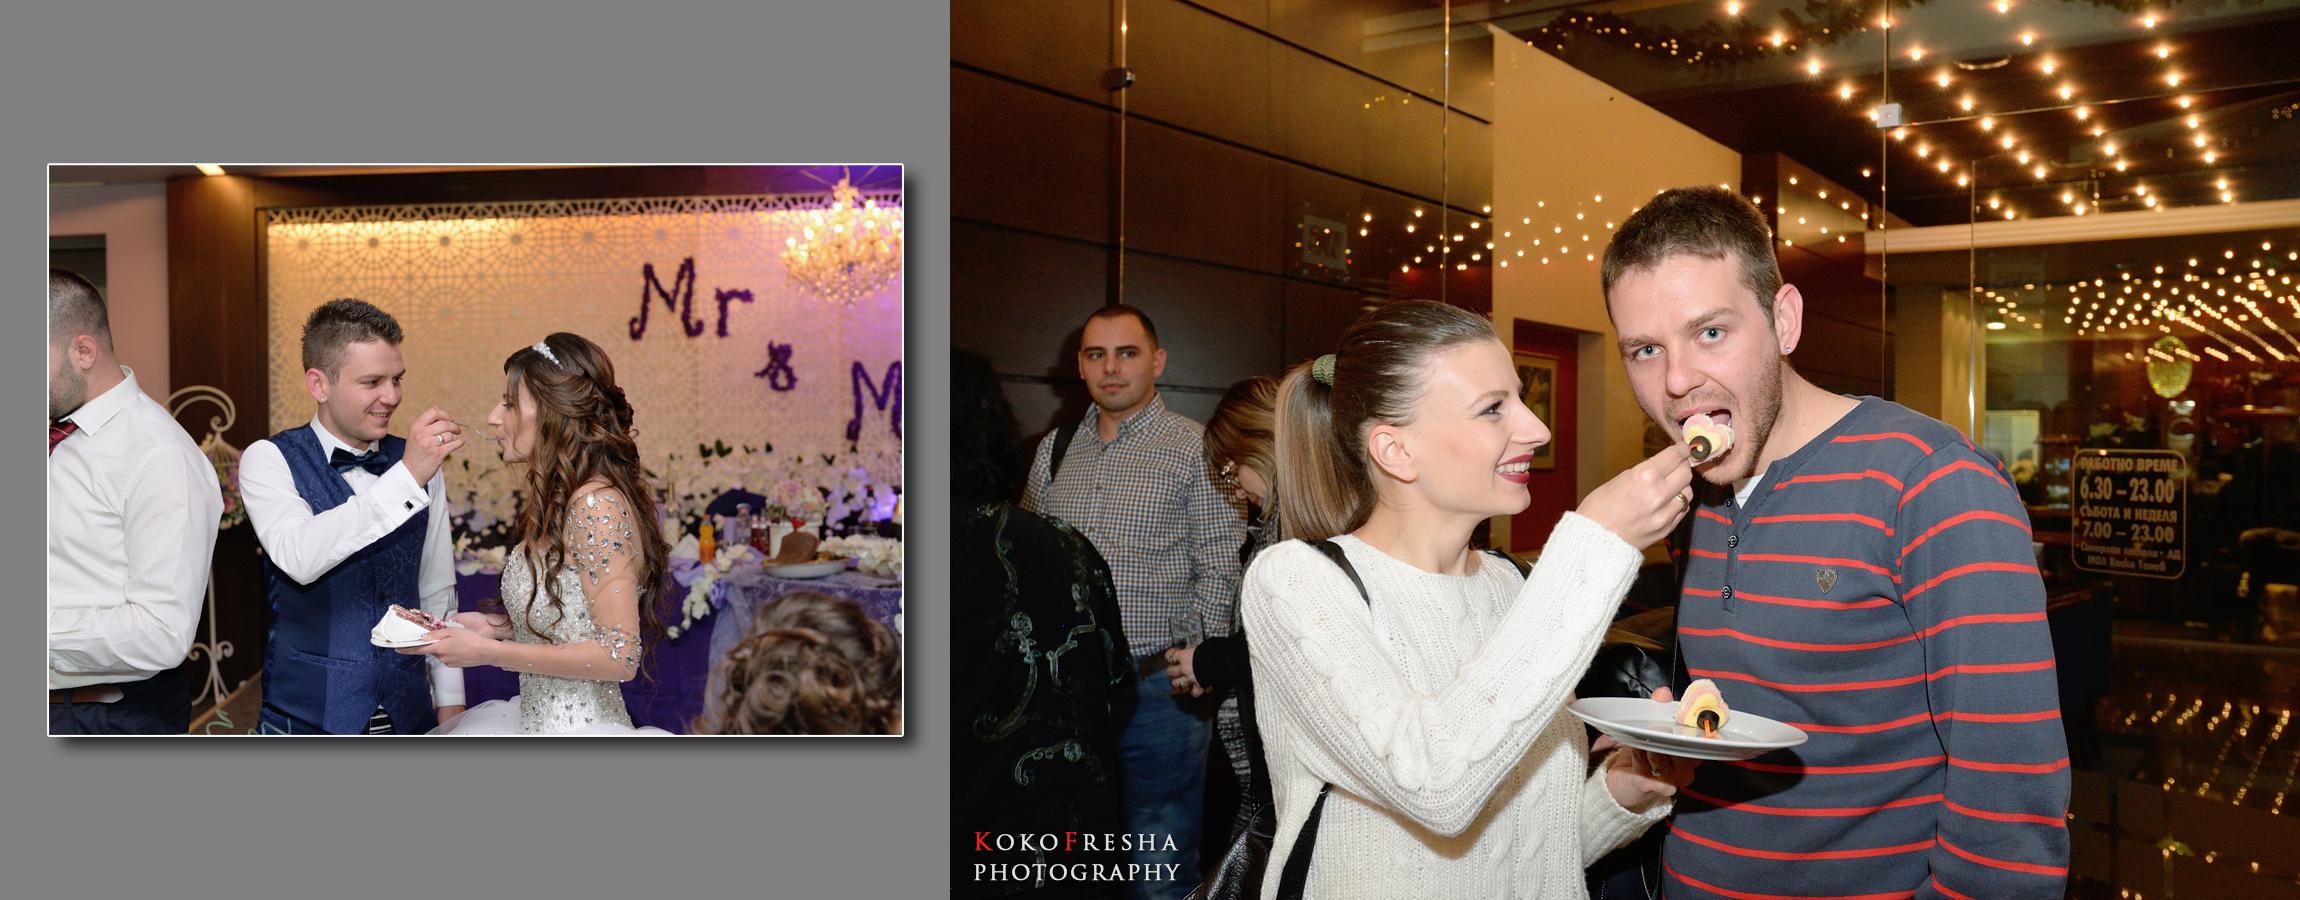 Годишната фотографска изложба на ФОТОГРАФСКА ЗАДРУГА - ПЛОВДИВ